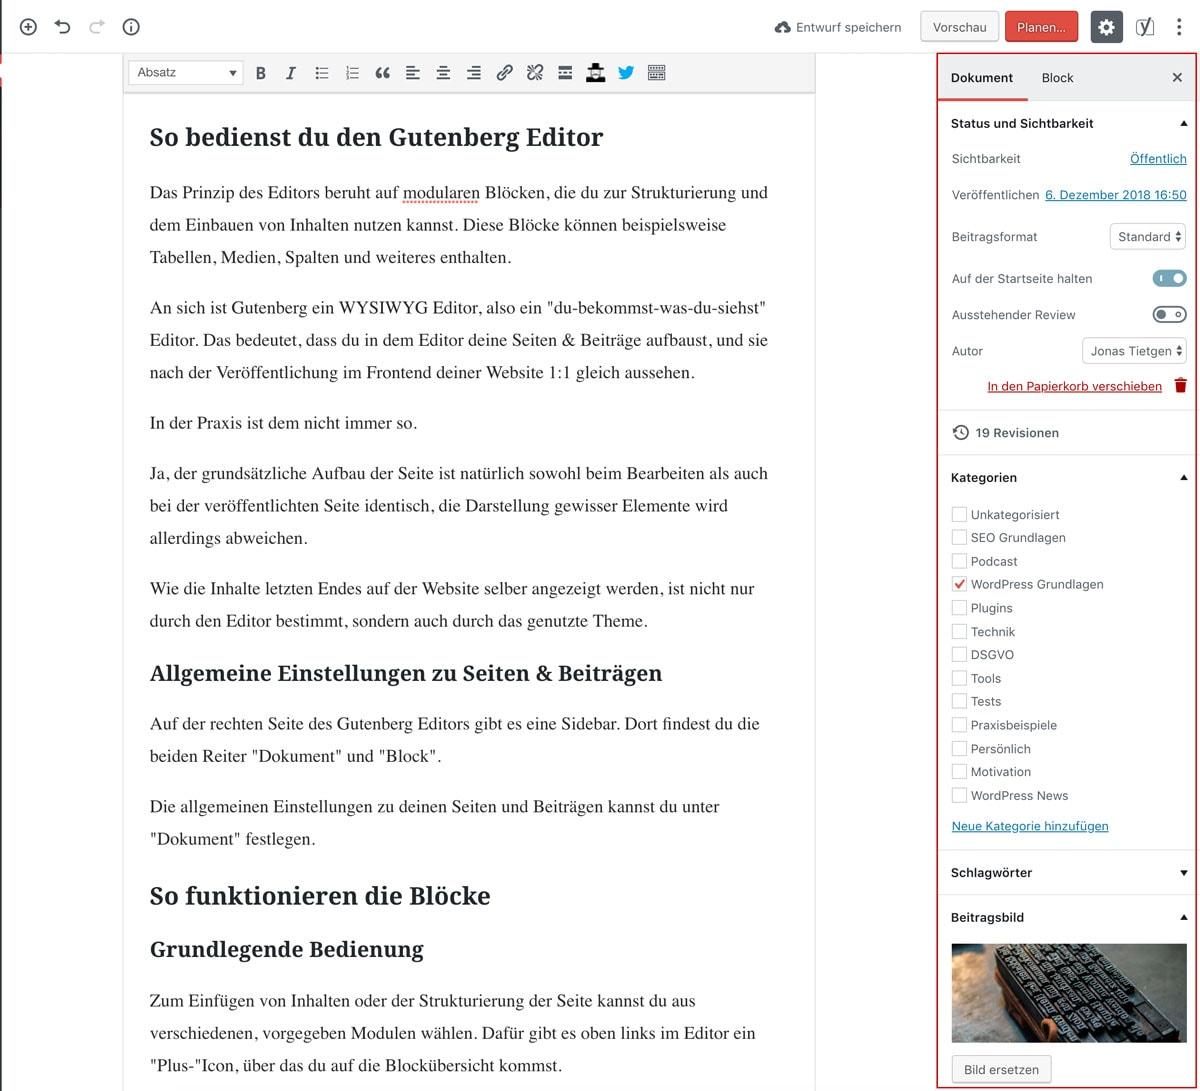 Allgemeine Seiteneinstellungen im Gutenberg Editor